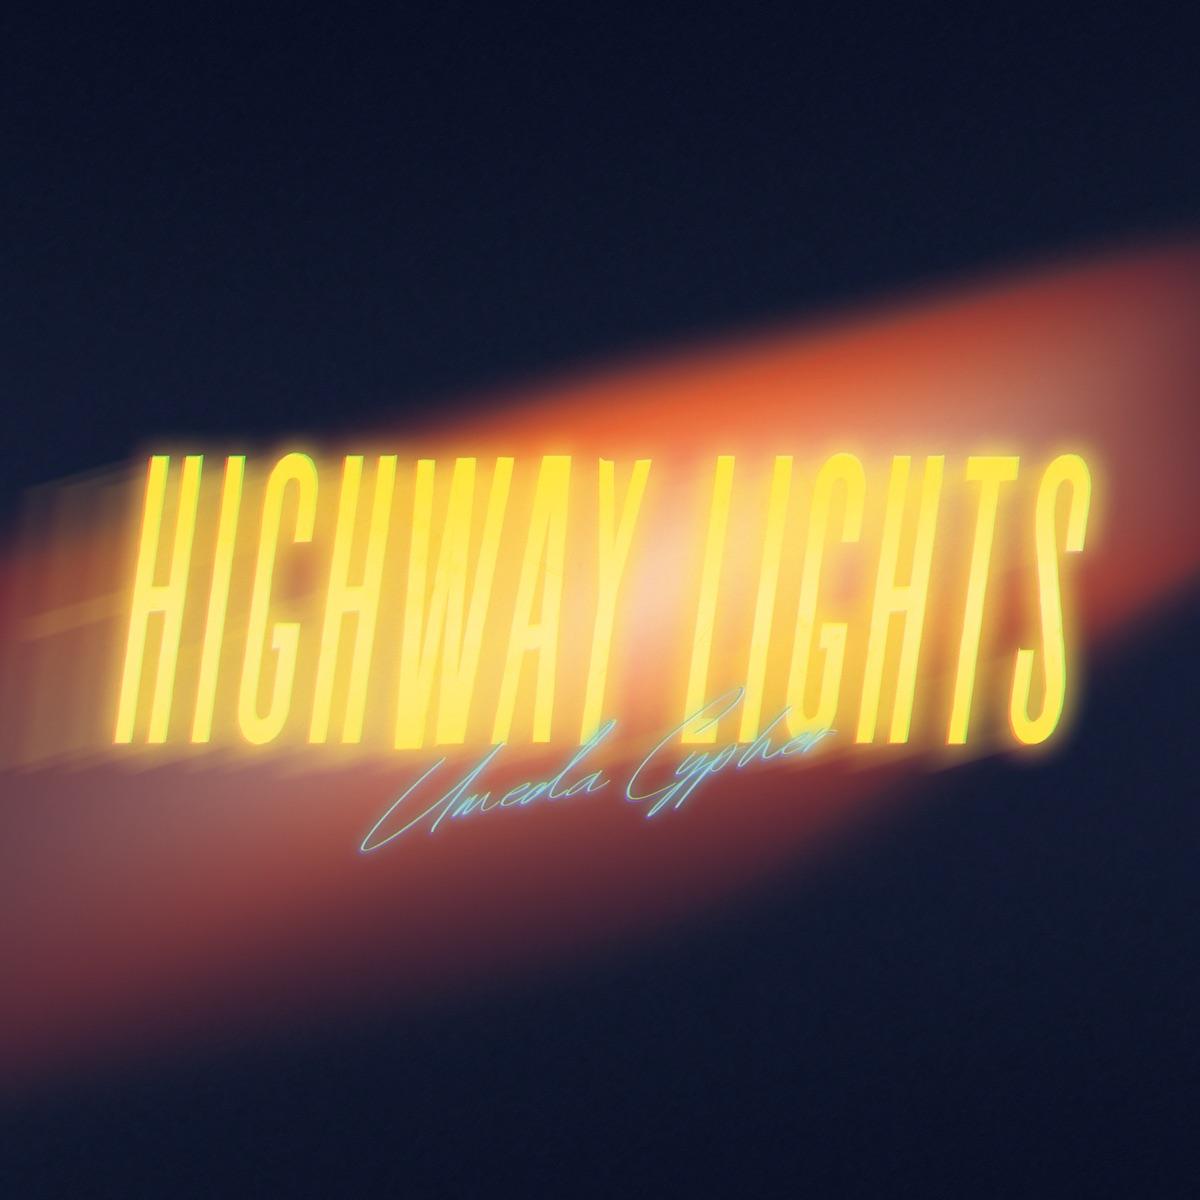 『梅田サイファー - Highway Lights (feat. ふぁんく, peko, KennyDoes, テークエム, KZ & コーラ)』収録の『Highway Lights (feat. ふぁんく, peko, KennyDoes, テークエム, KZ & コーラ)』ジャケット